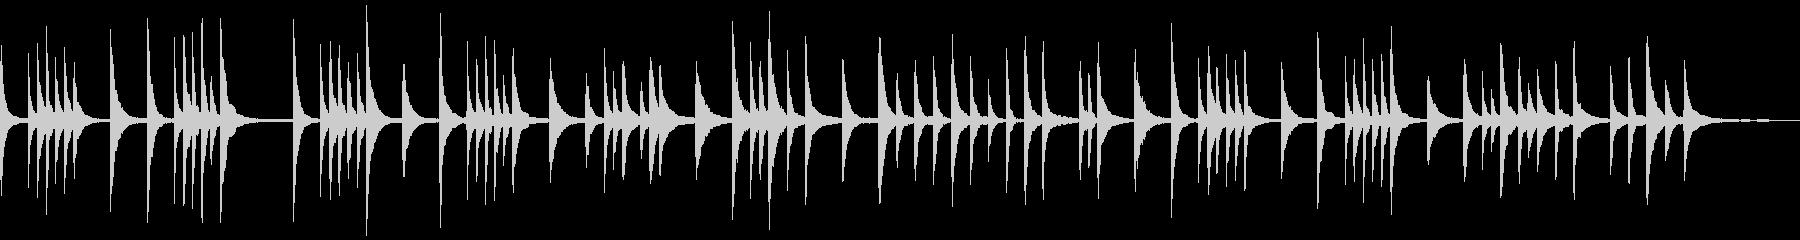 ちょっと寂しい感じのピアノソロの未再生の波形